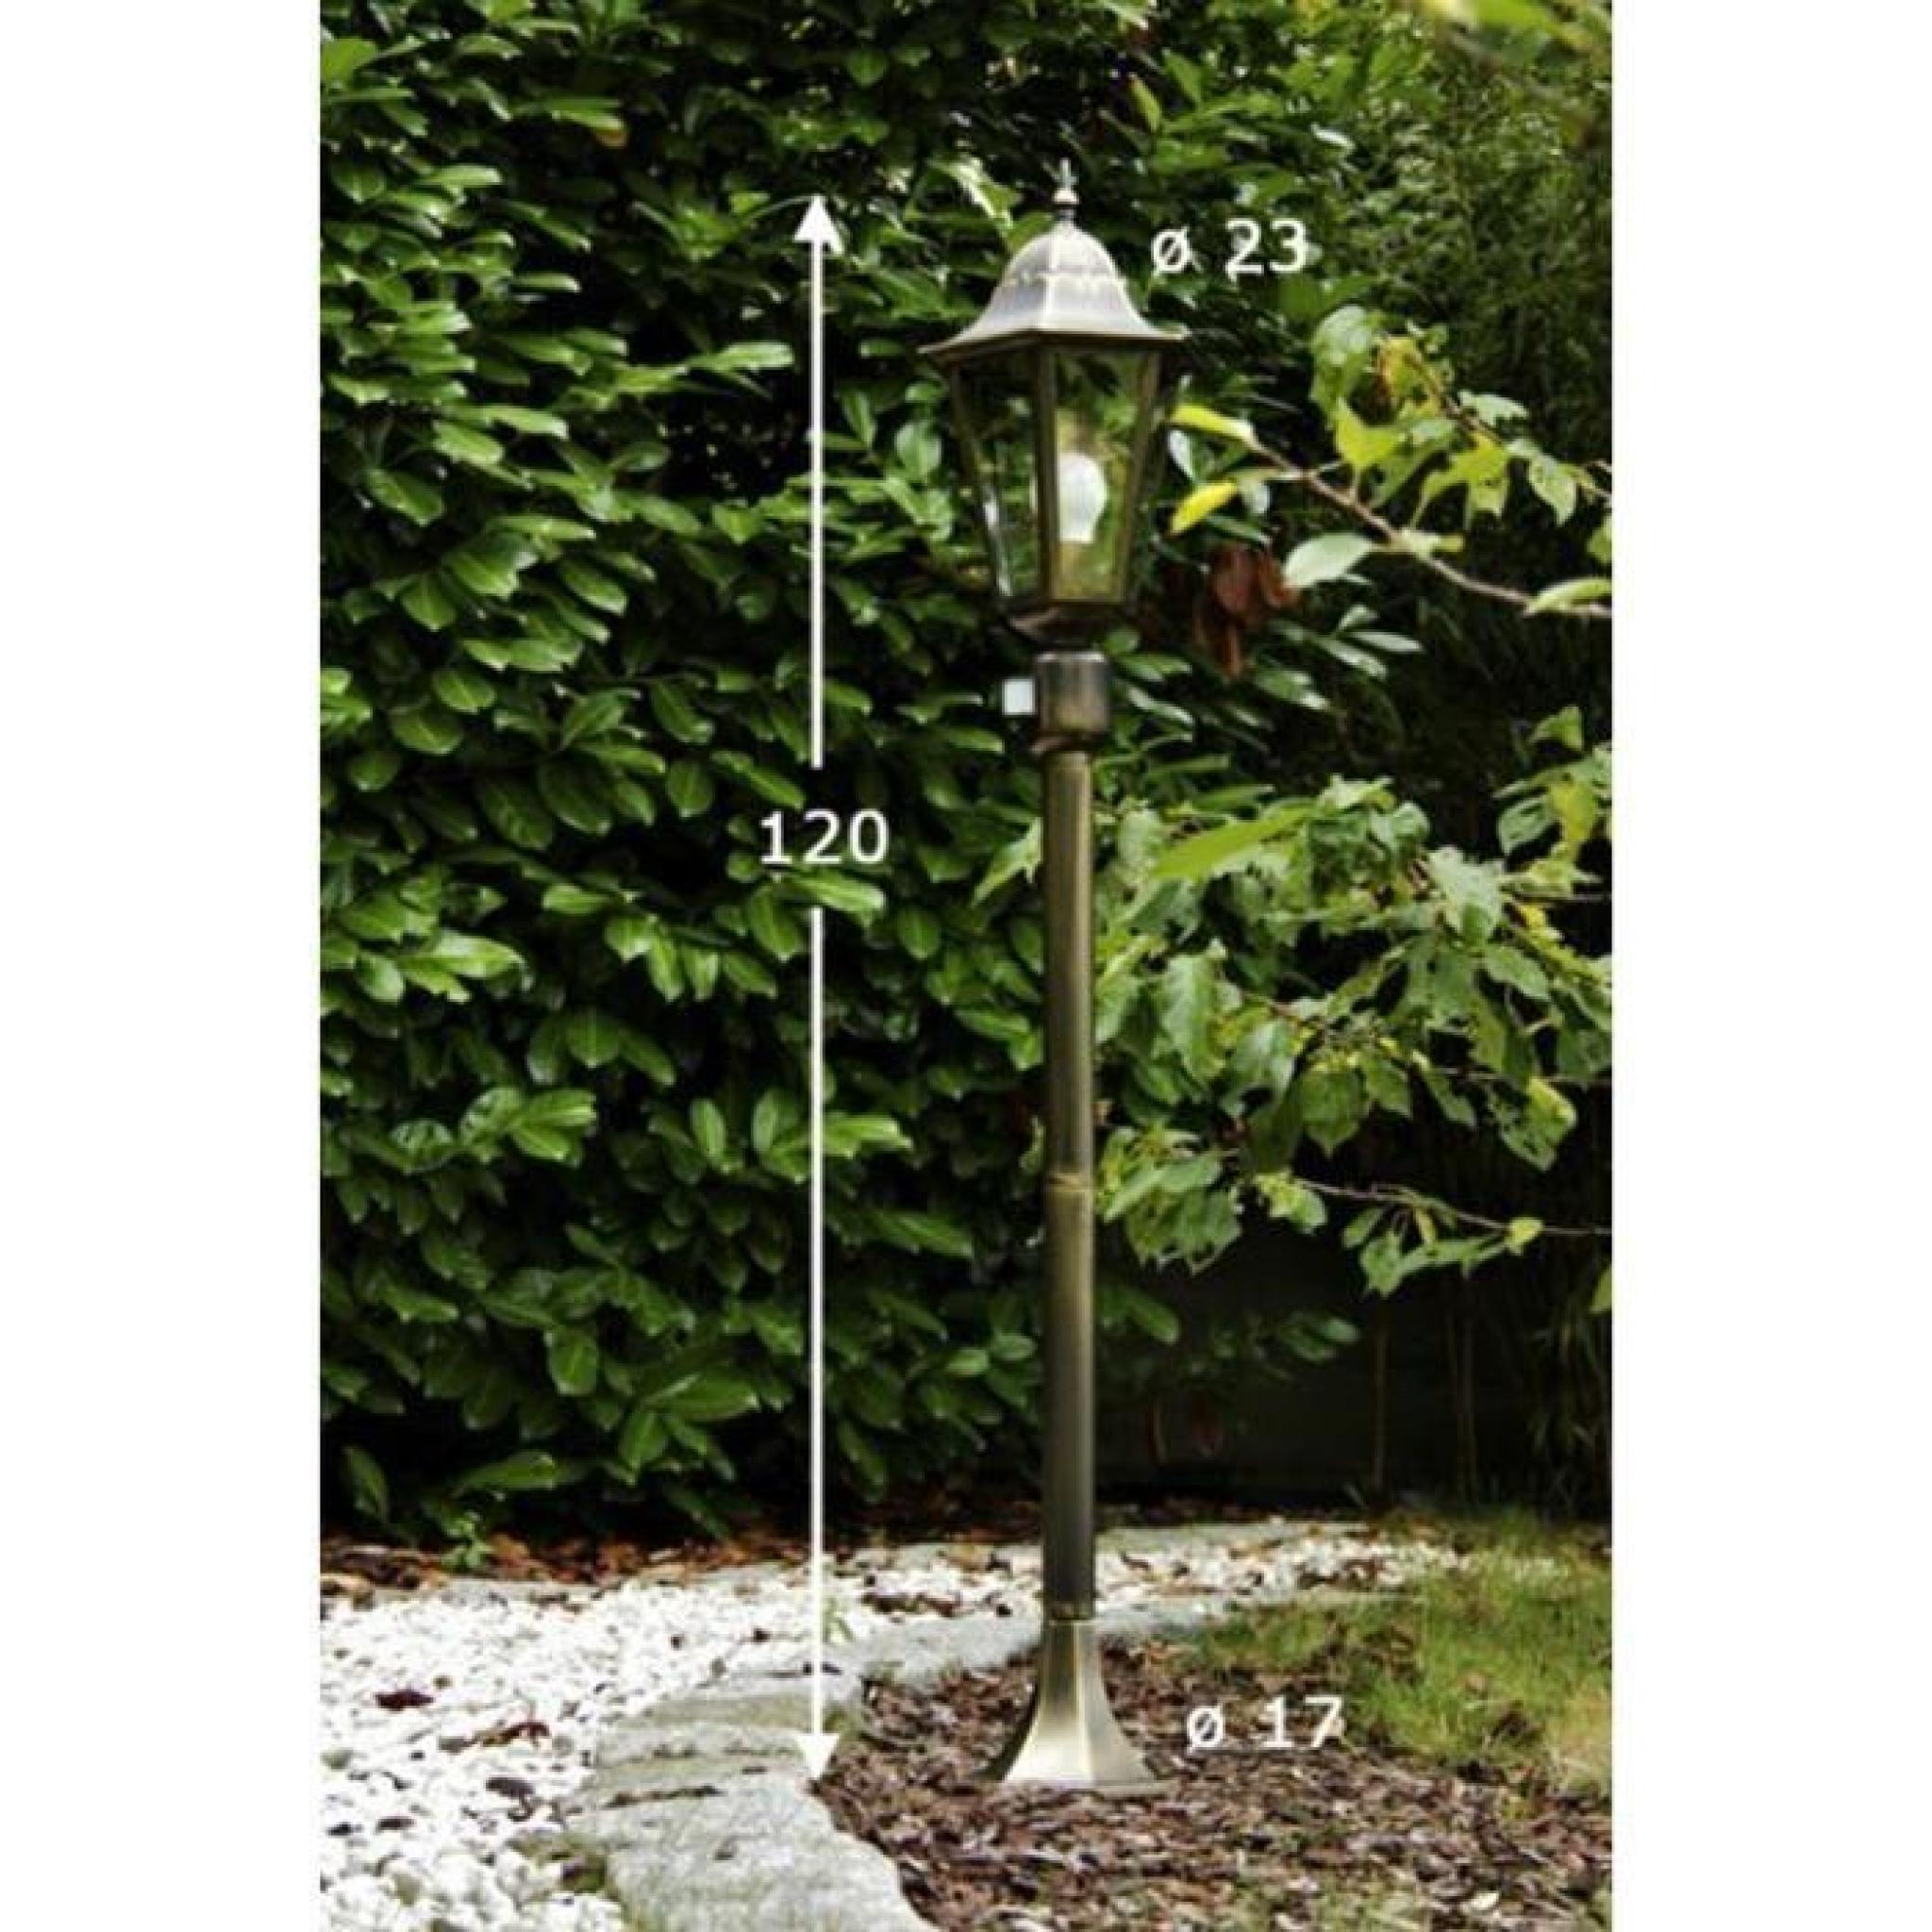 Lampadaire Extérieur Lampe Sur Pied Détecteur De Mouvement Lampe De Jardin avec Lampadaire De Jardin Sur Pied